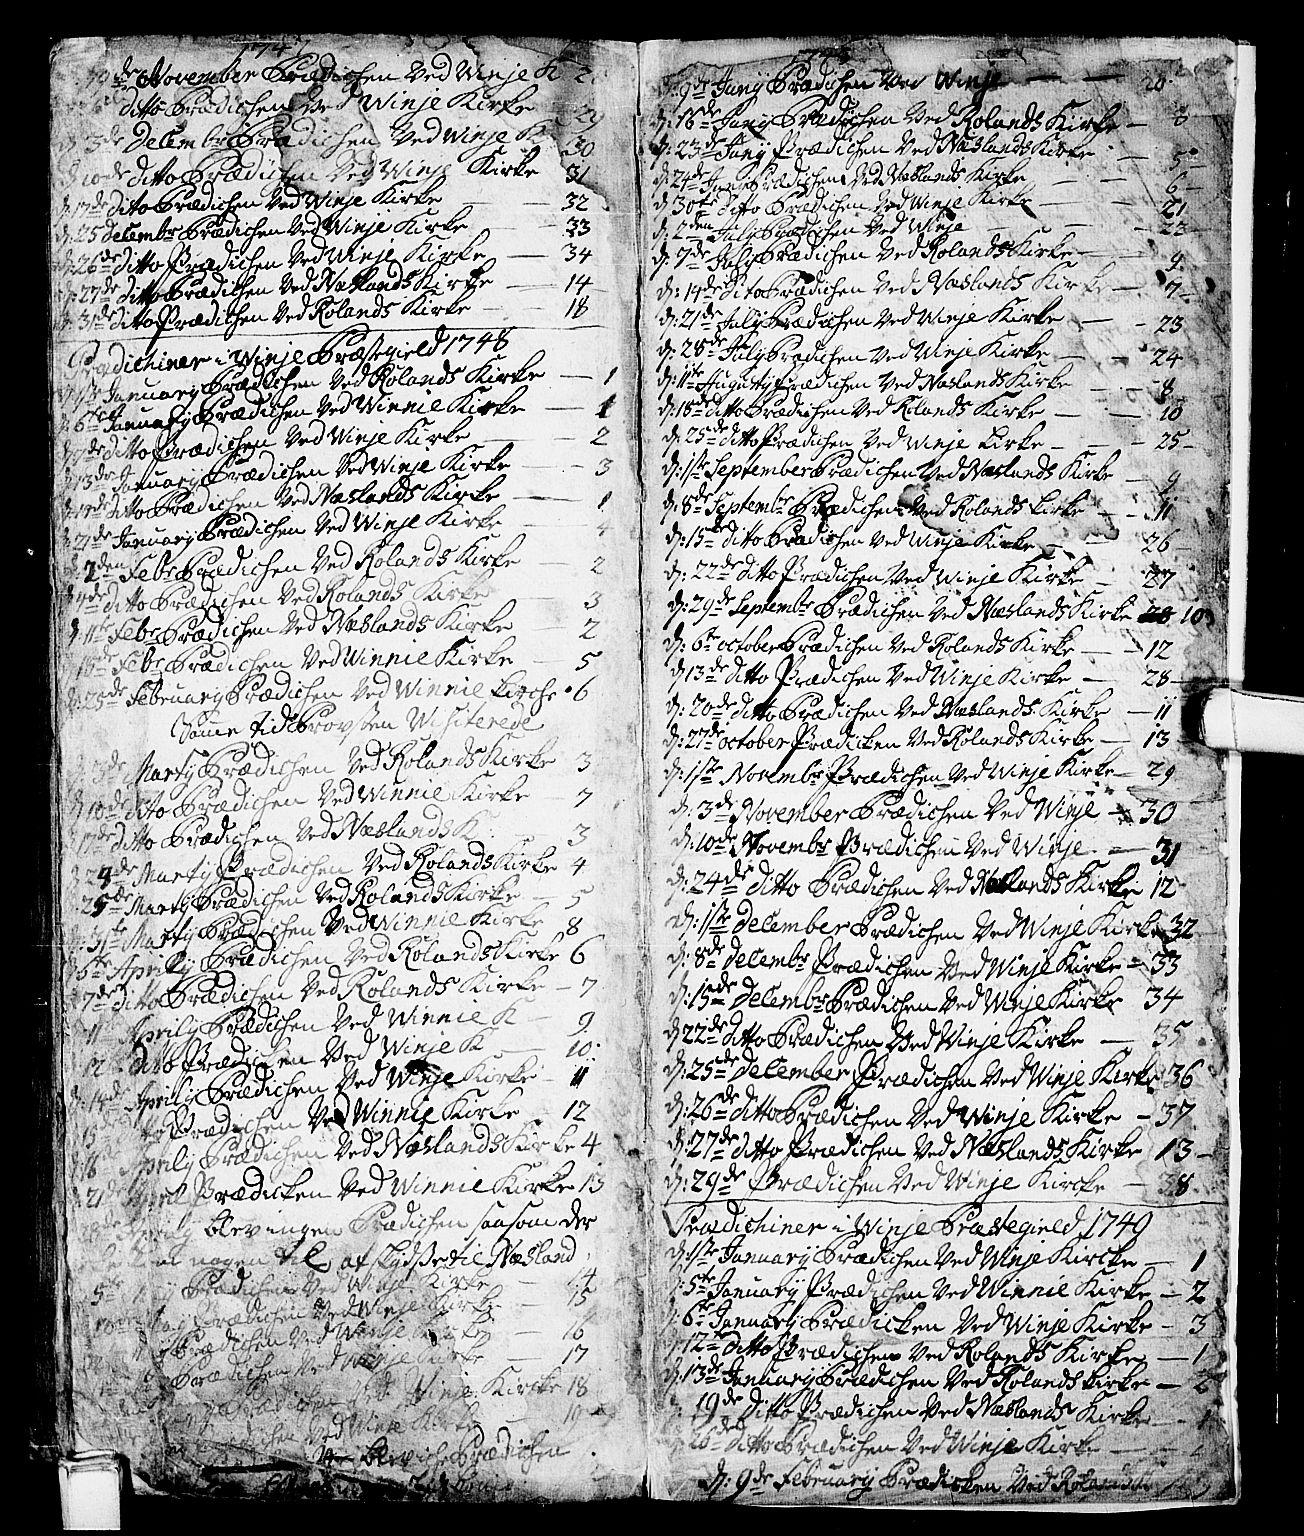 SAKO, Vinje kirkebøker, F/Fa/L0001: Ministerialbok nr. I 1, 1717-1766, s. 262